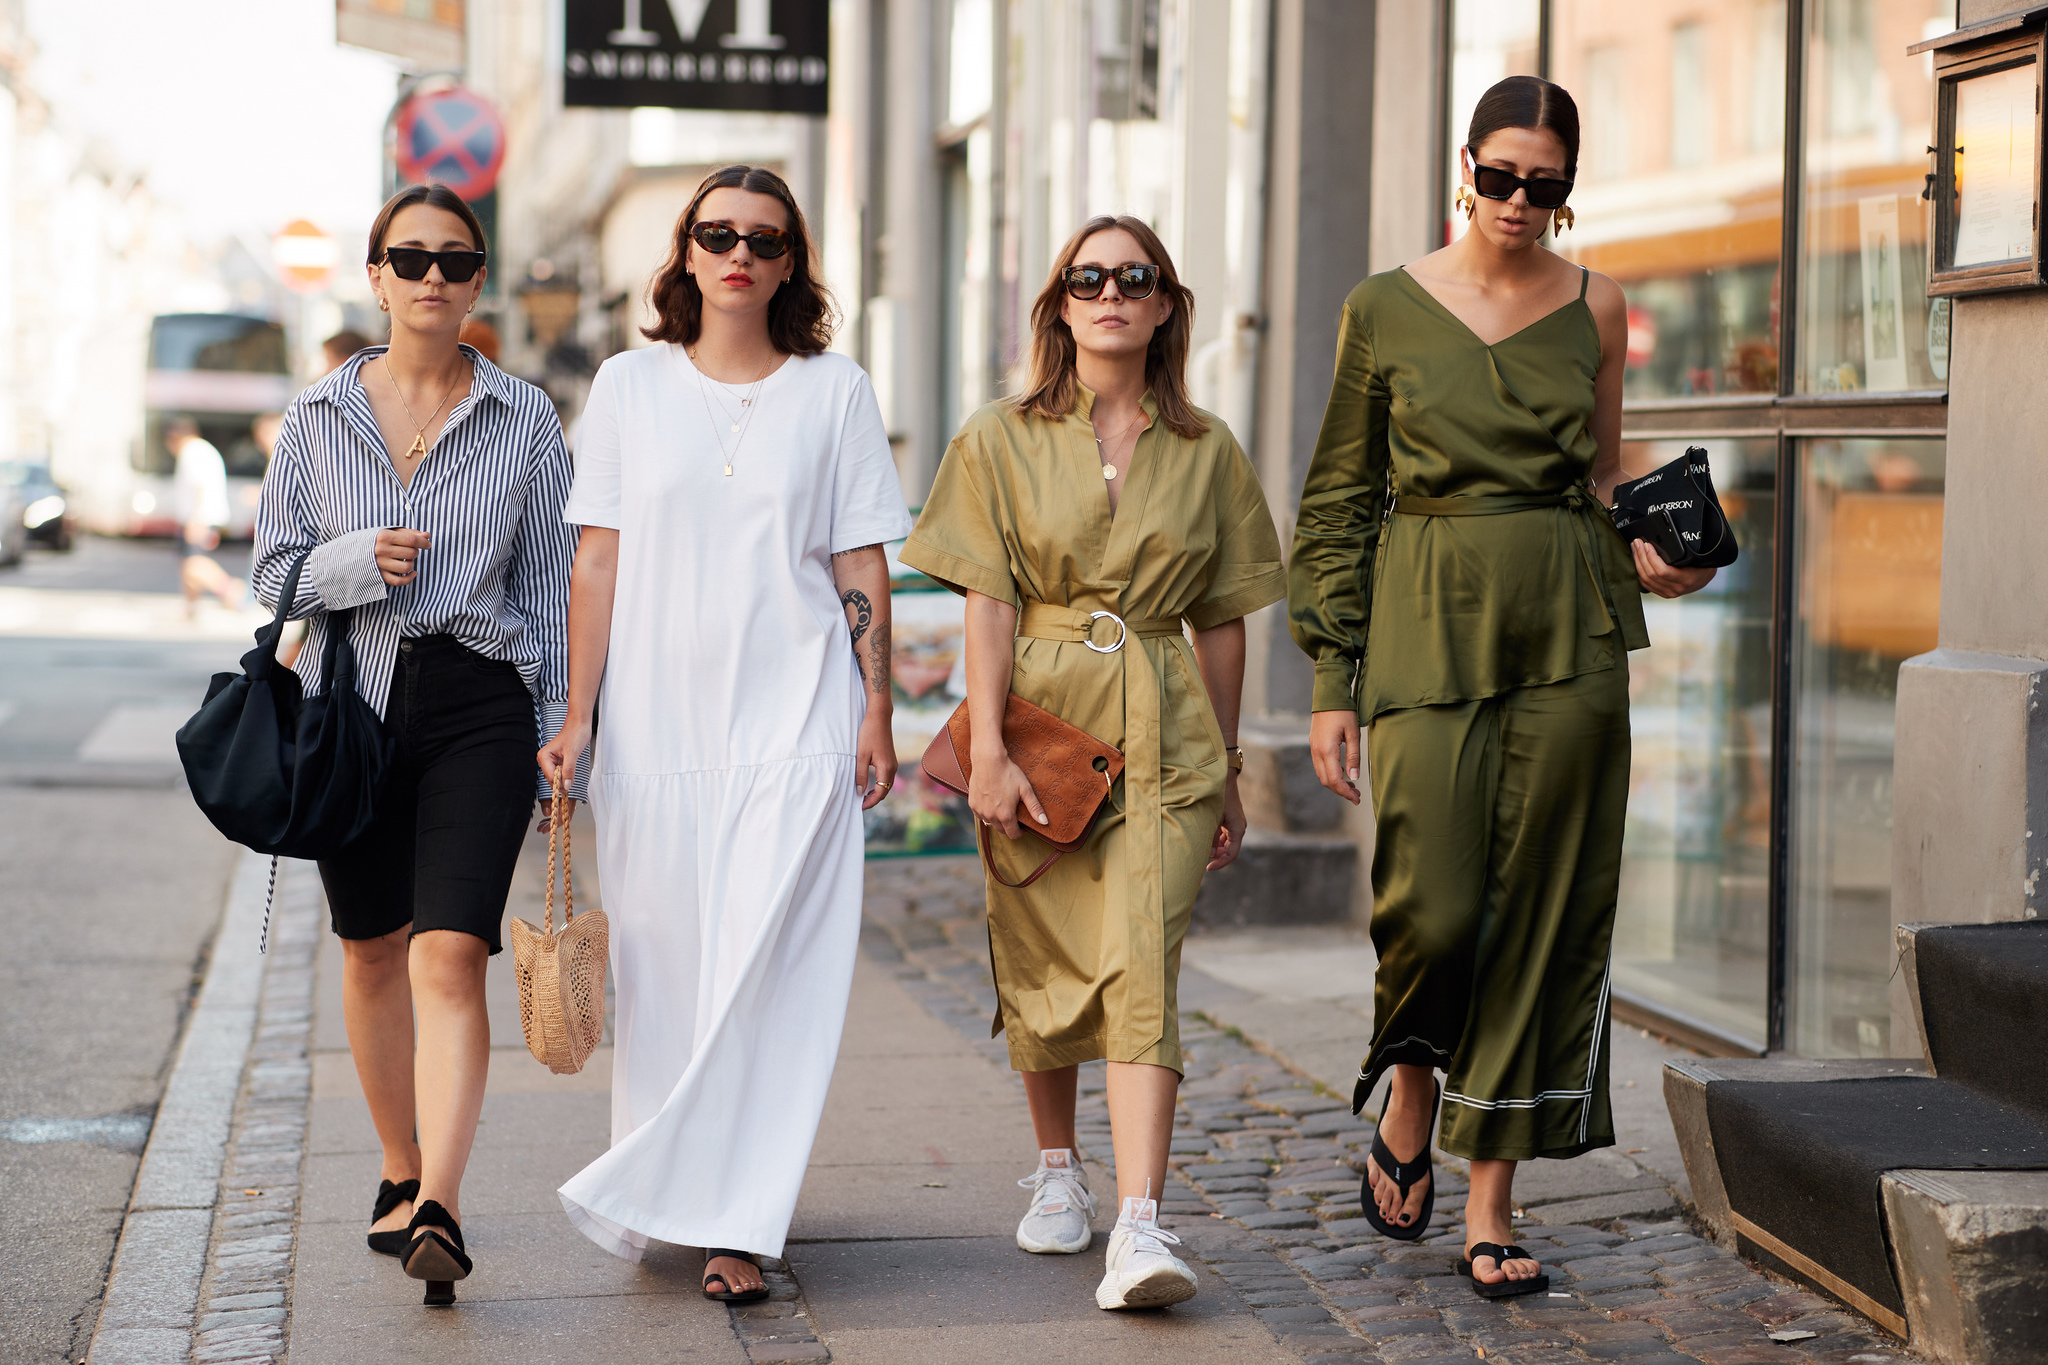 Que el vestido blanco destaca sobre el resto es verificable